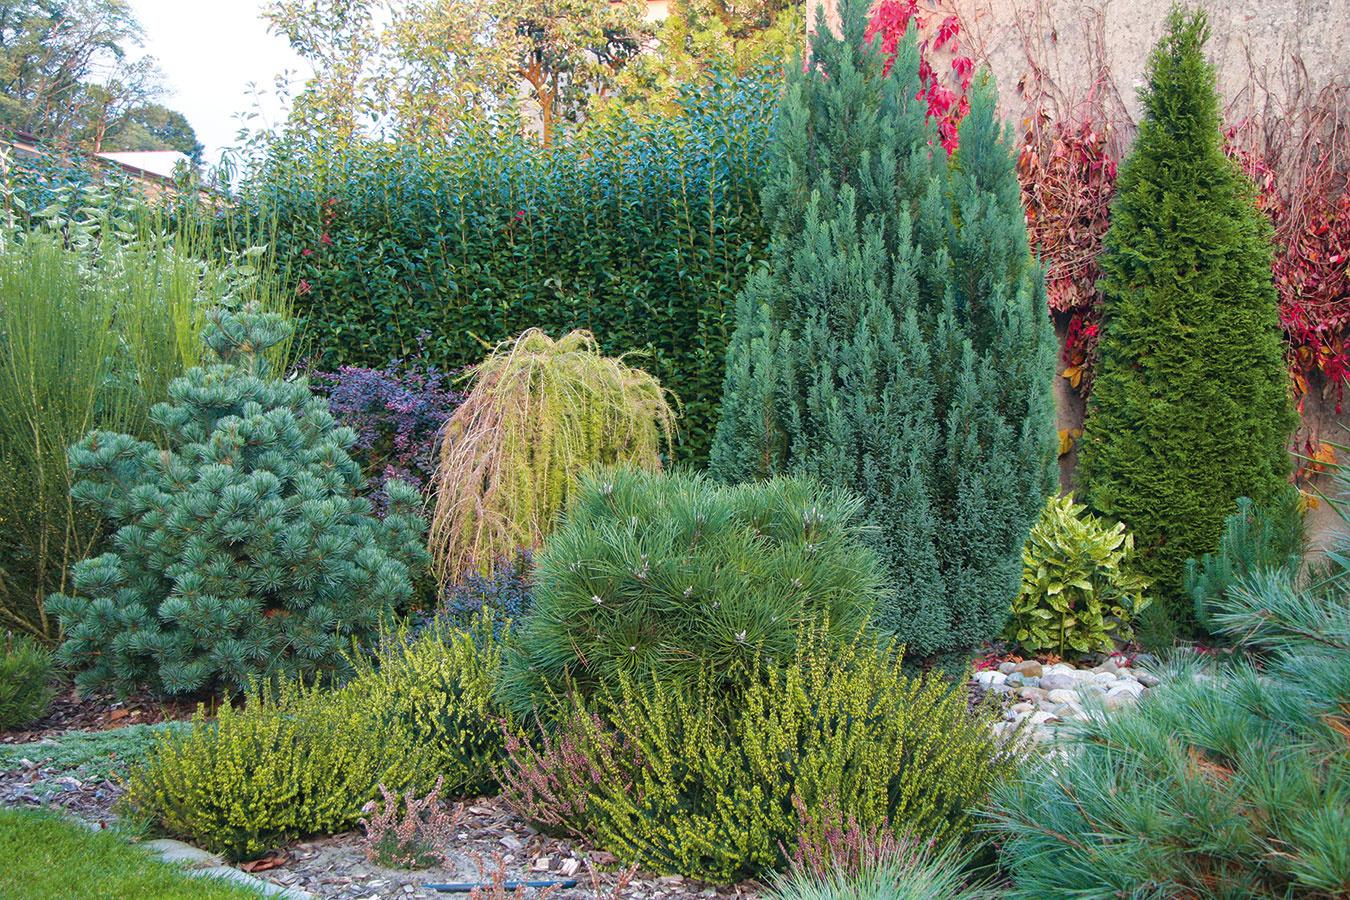 Pri plánovaní záhrady treba myslieť aj na to, koľko času jej budete môcť venovať. Aj tá najmenšia si totiž vyžaduje aspoň malú pozornosť, naozaj bezúdržbová záhrada neexistuje. Na pravidelnú údržbu sú najmenej náročné vždyzelené kry, ihličnany (najmä miniatúrne) aokrasné trávy. Platí, že viac pozornosti si vyžadujú skalky, oveľa menej náročné sú vresoviská. Určitý čas zaberie aj starostlivosť ojazierka, umelé potoky akvetinové (najmä letničkové) záhony. Ak túžite po peknom trávniku, budete sa mu musieť venovať takmer celý rok. Živé ploty zasa potrebujú pravidelný rez, inak nebudú pôsobiť esteticky. Viac starostlivosti treba venovať ružiam, menej bylinkovým záhonom, pôdopokryvným drevinám atrvalkám.